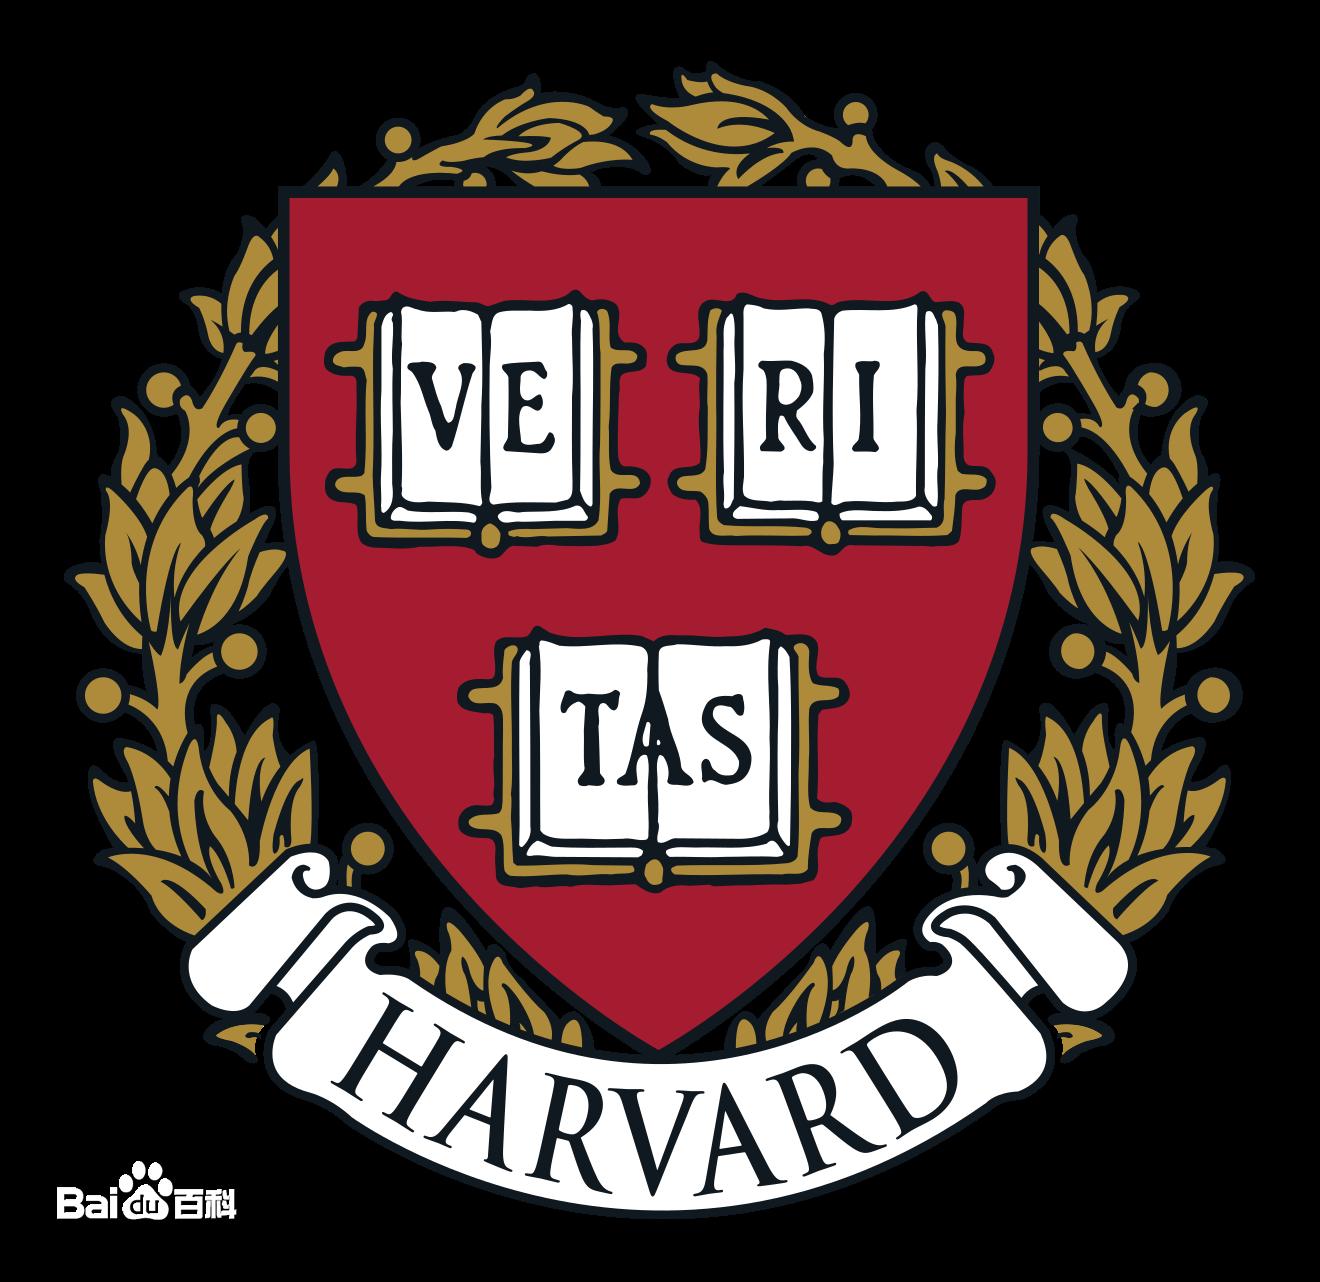 哈佛真有人啃书到凌晨四点半吗?—上